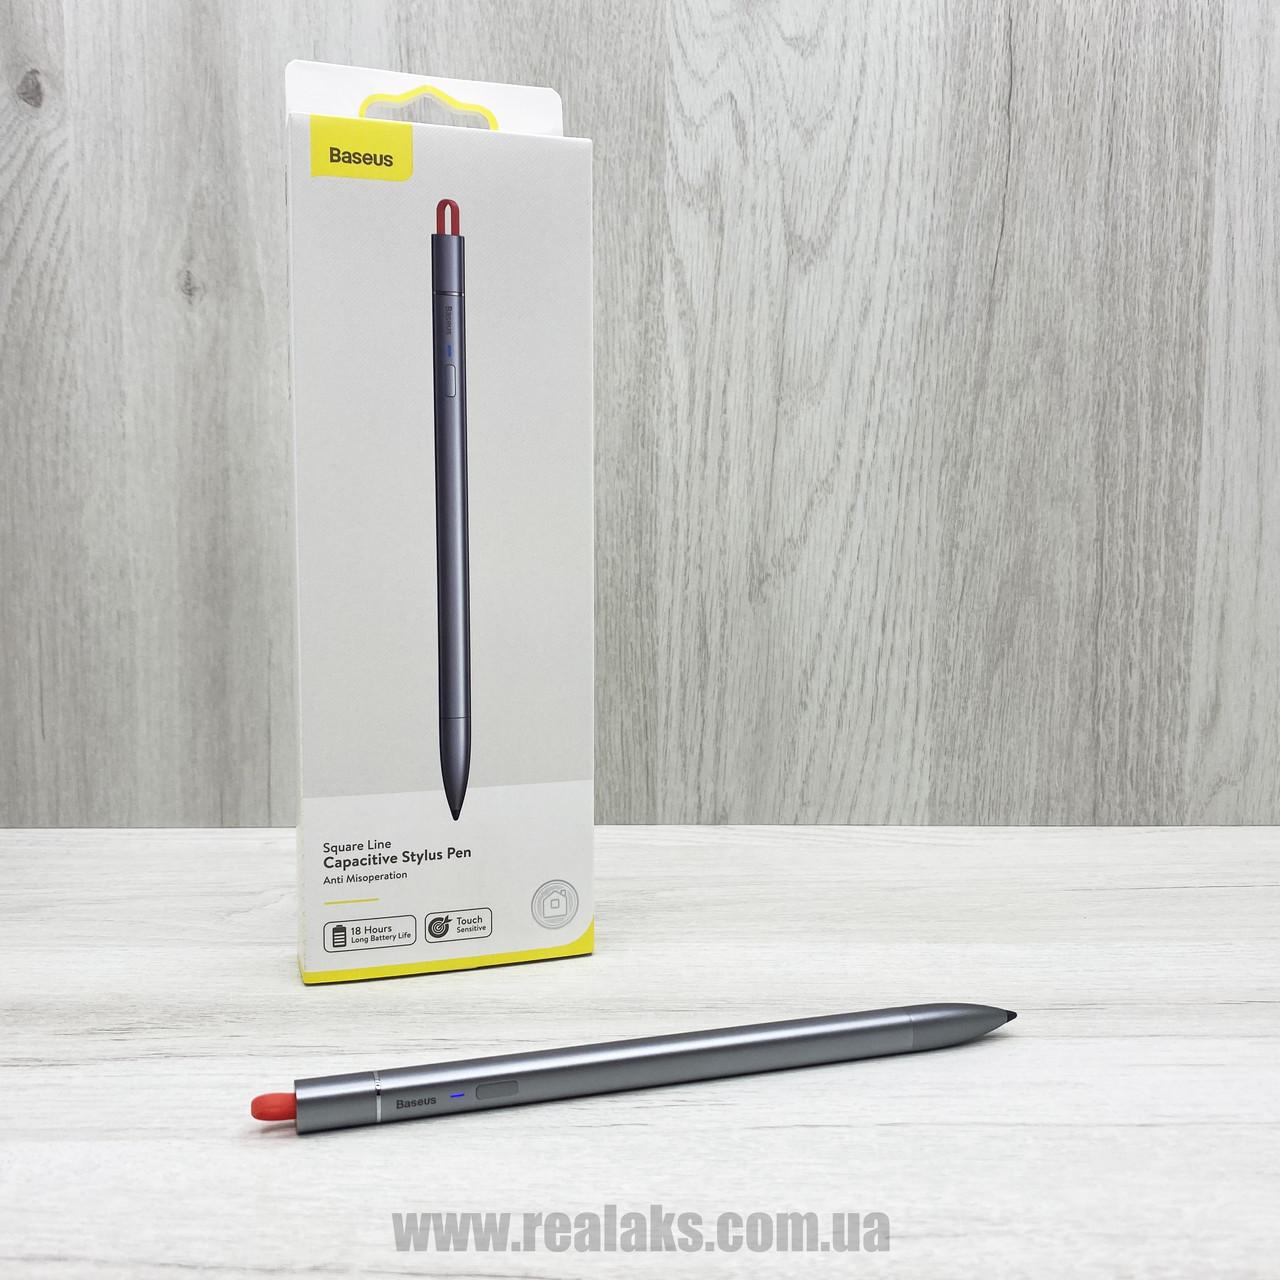 Стилус универсальный Baseus Square Line Capacitive Stylus Pen (CSP01)